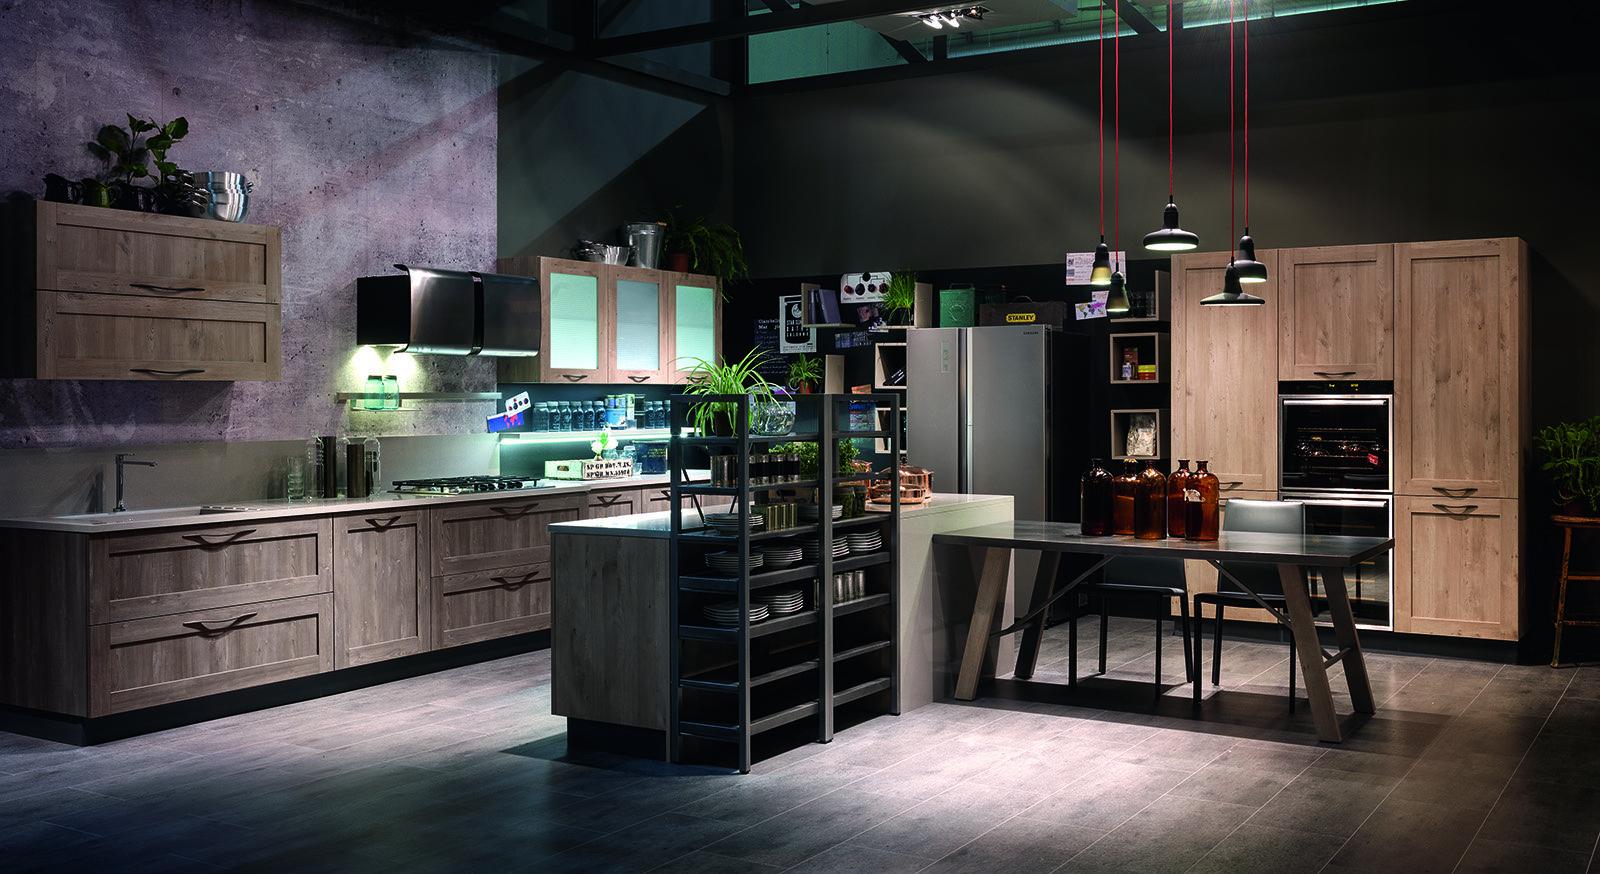 Le Ante Di City Di Stosa Cucine Sono In Nobilitato Nella Finitura  #825E49 1600 874 Cucine Stile Eclettico